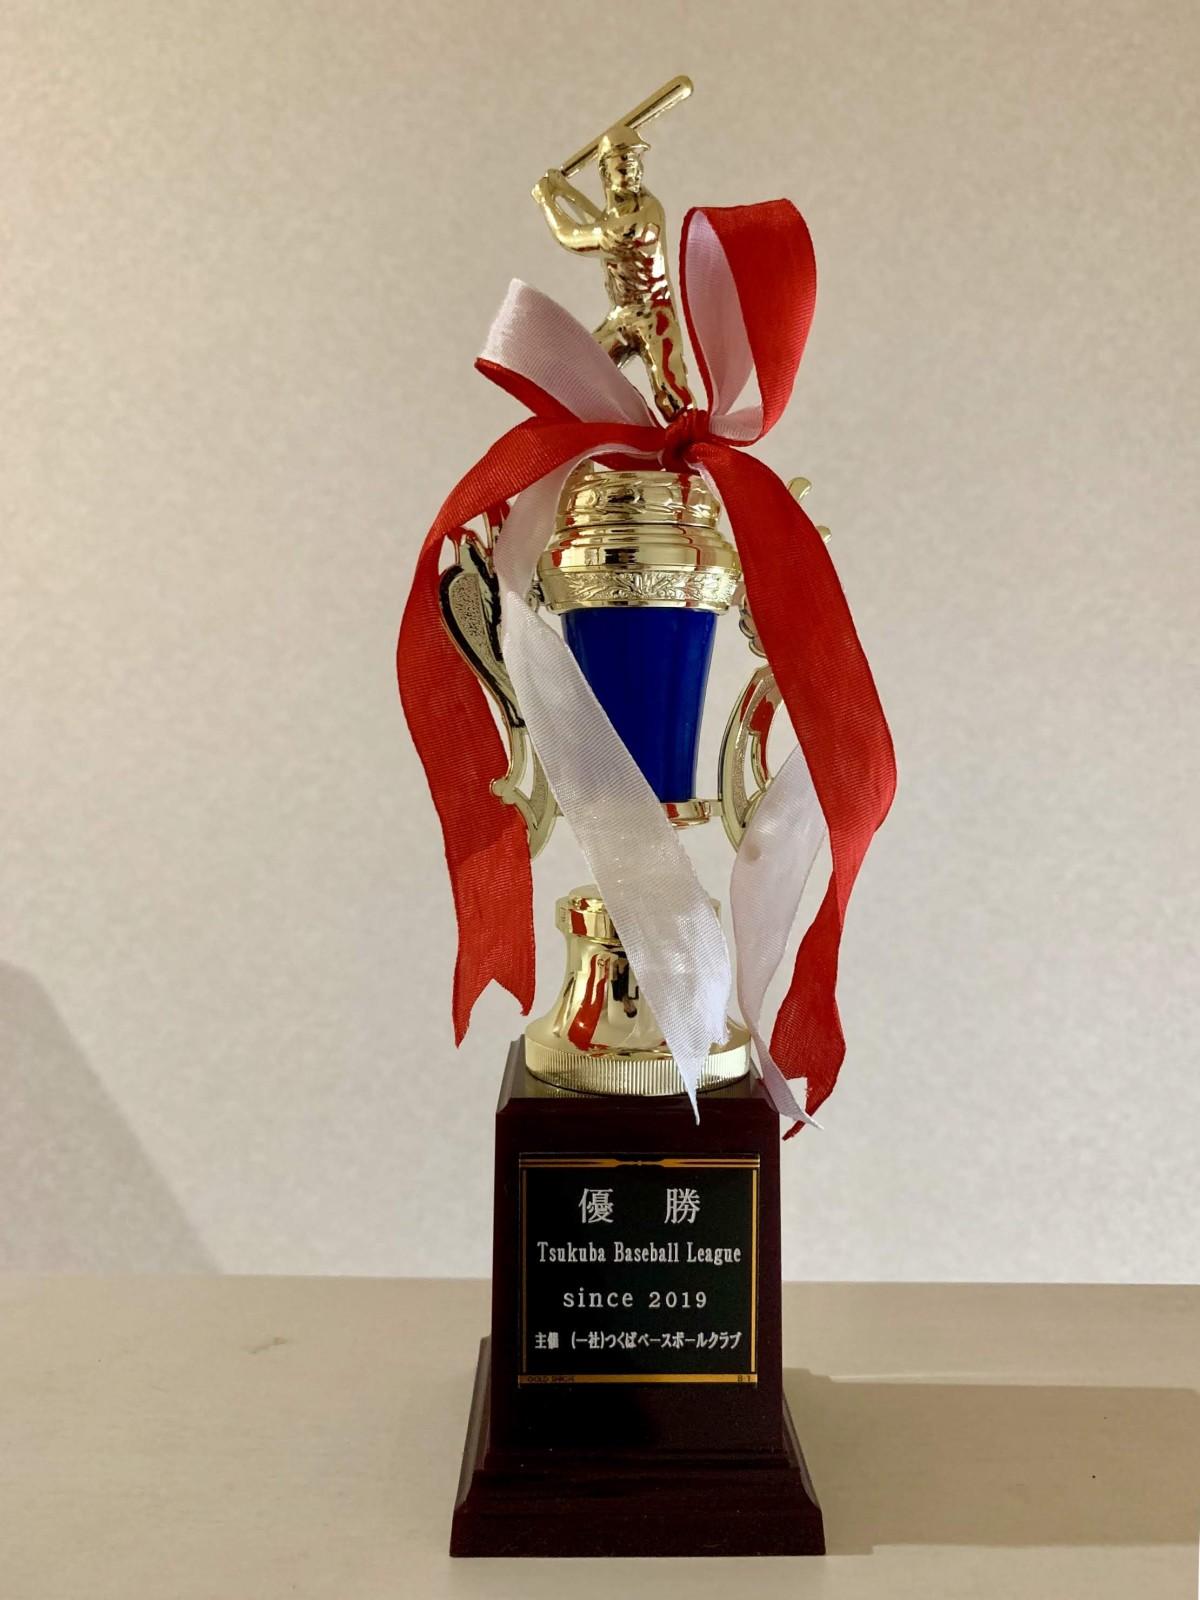 Tsukuba Baseball League トロフィー